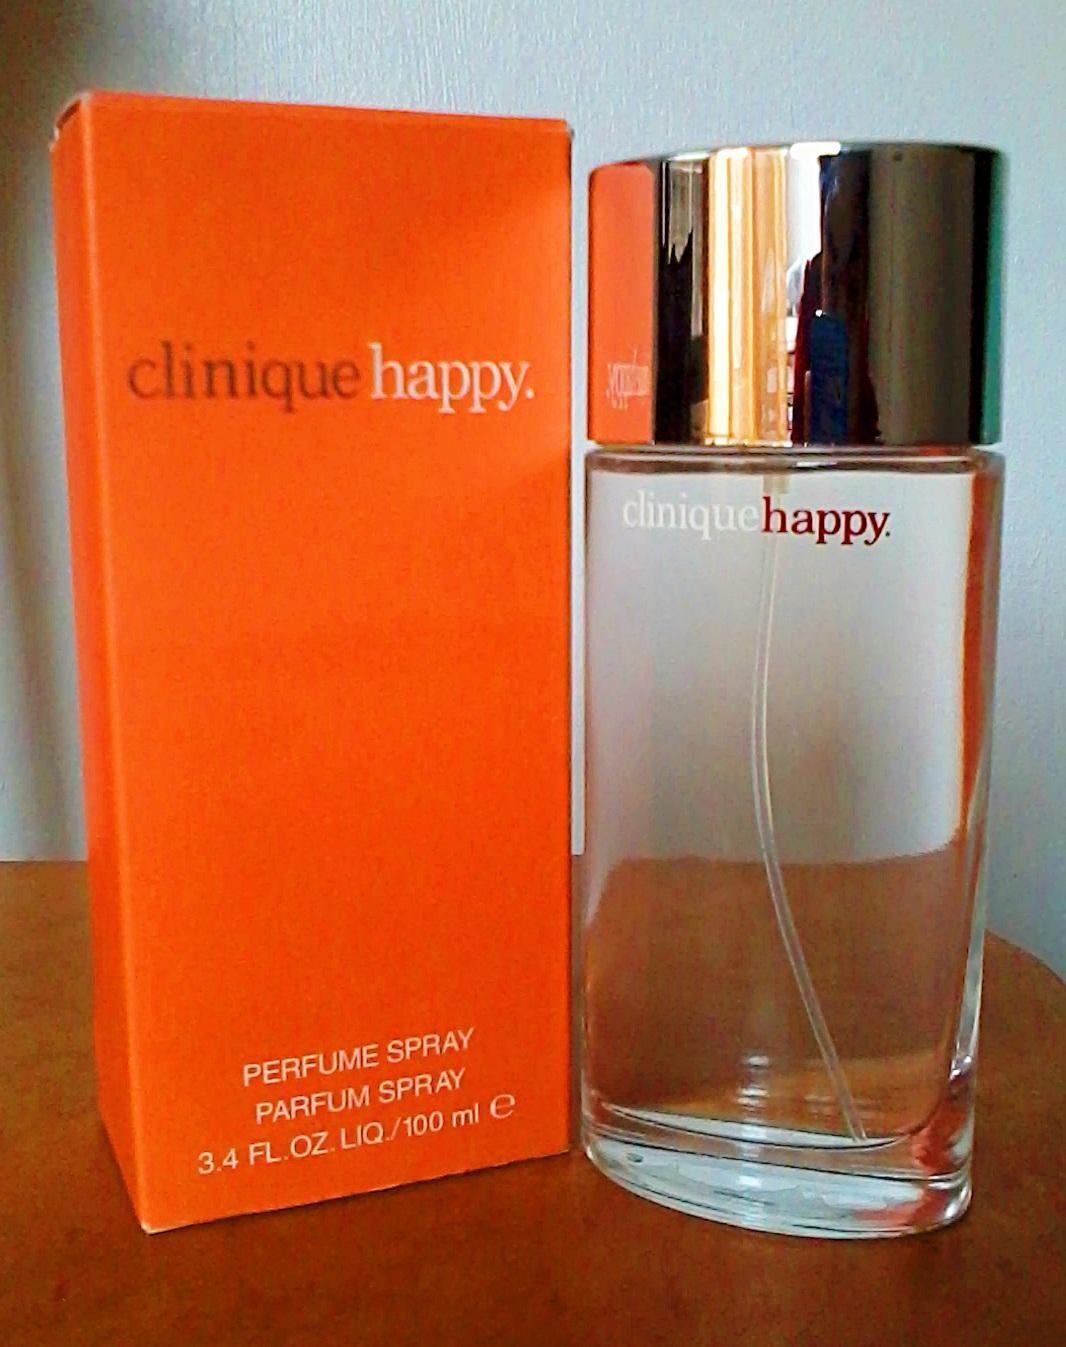 Kelebihan Guess By Marciano Woman Edp 100 Ml Original Terkini Women 100ml Cliniique Happy Parfum Wanita Singapore